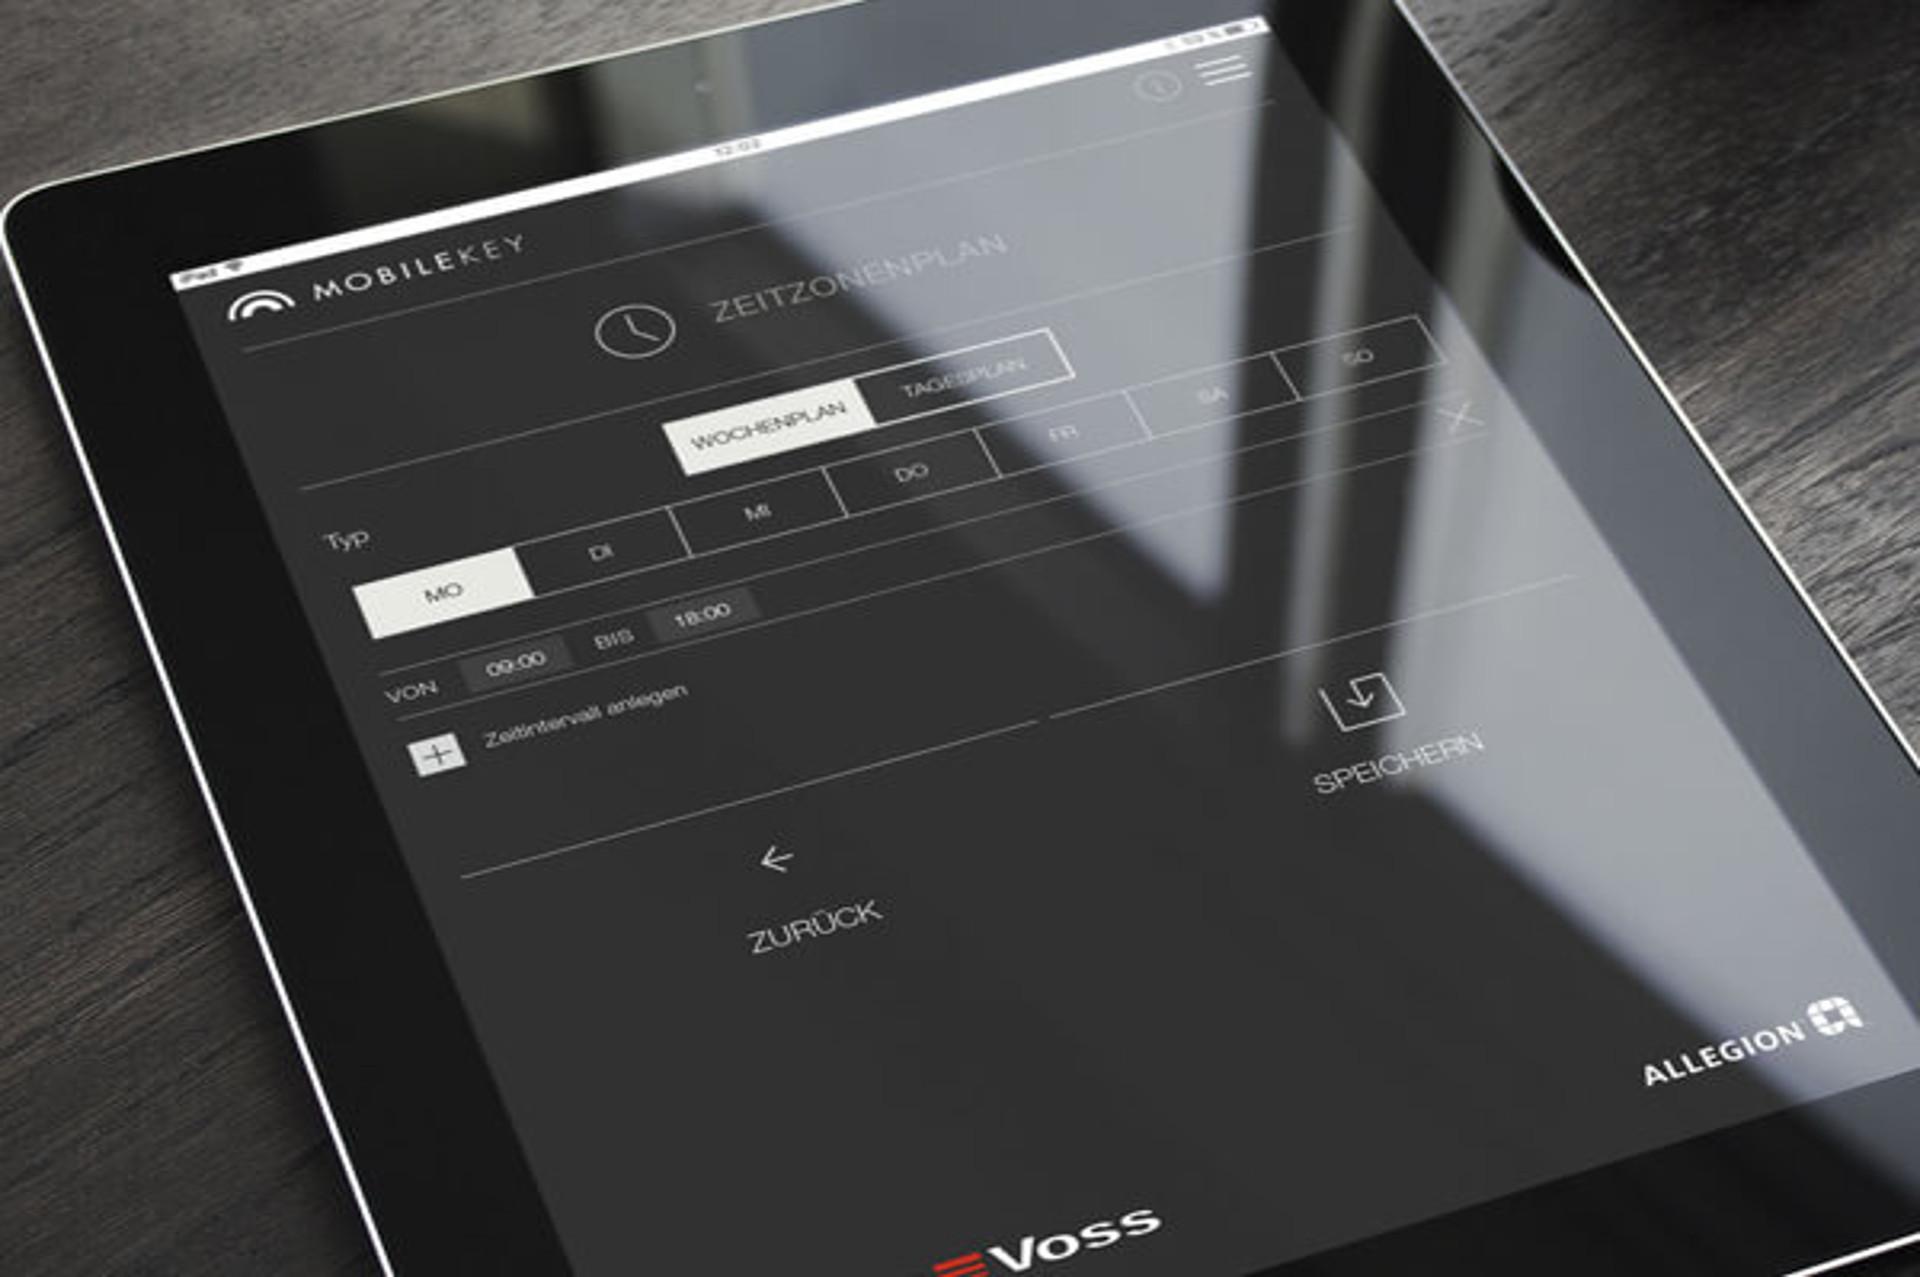 die web-app